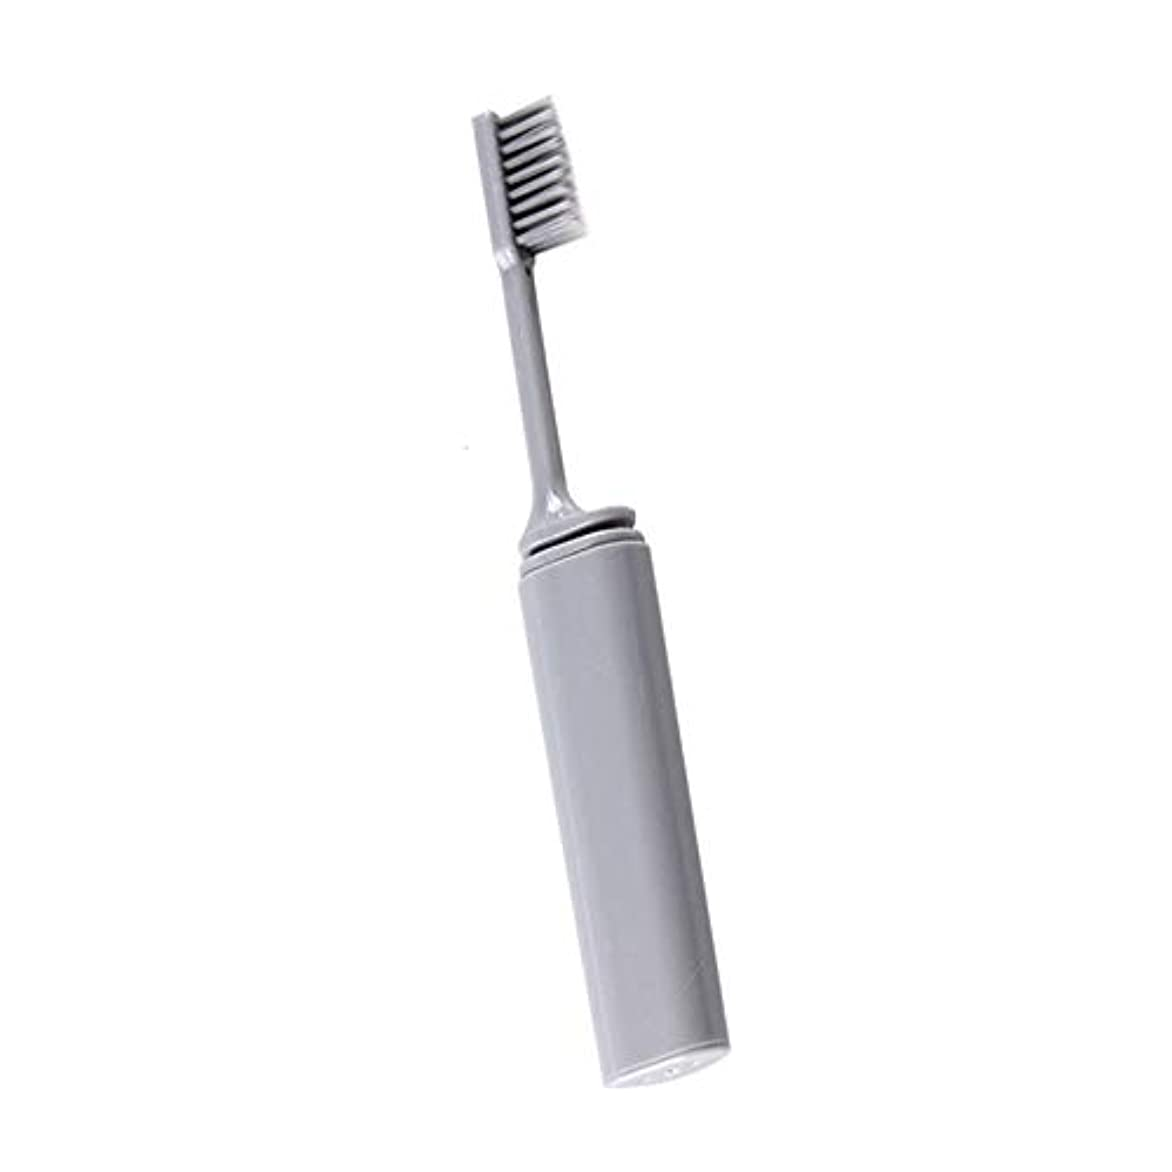 サミット拡声器親Onior 旅行歯ブラシ 折りたたみ歯ブラシ 携帯歯ブラシ 外出 旅行用品, ソフト コンパクト歯ブラシ 便利 折りたたみ 耐久性 携帯用 灰色